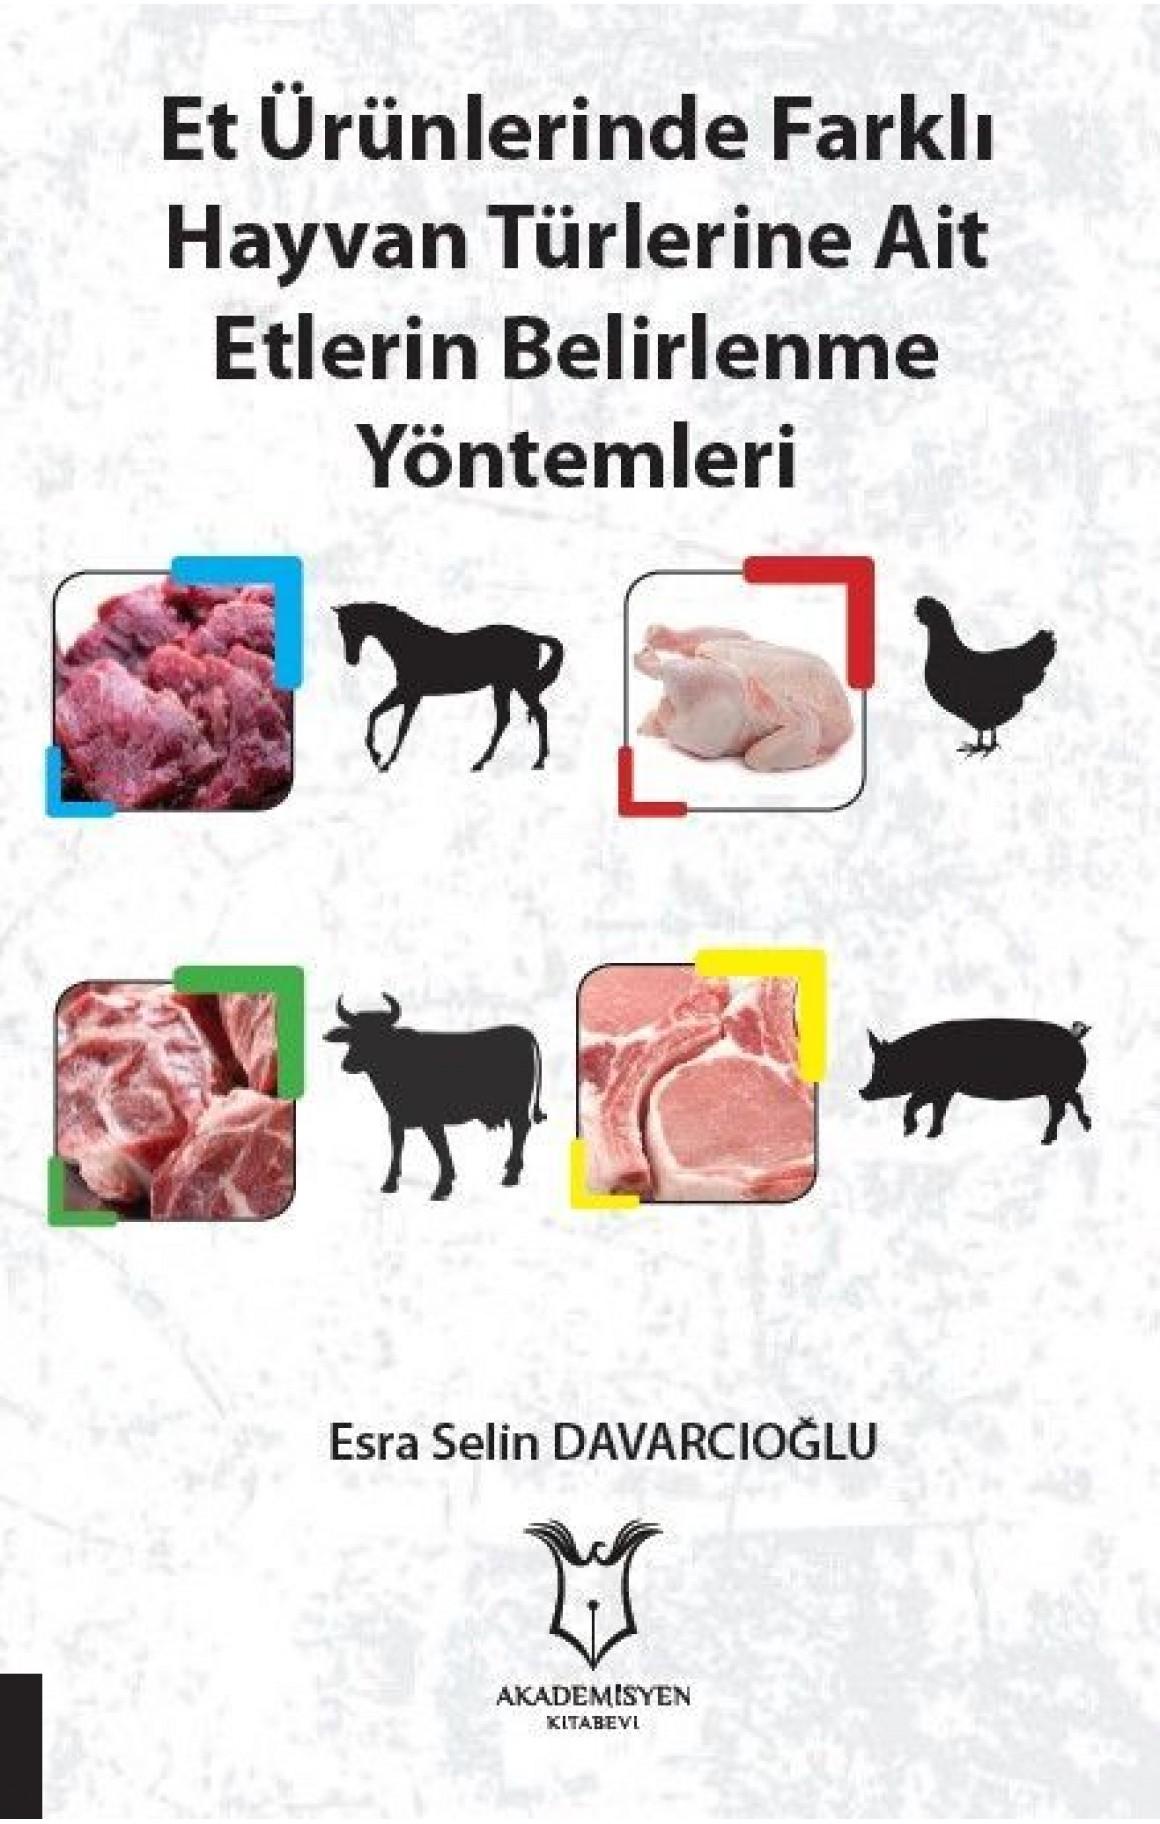 Et Ürünlerinde Farklı Hayvan Türlerine Ait Etlerin Belirlenme Yöntemleri